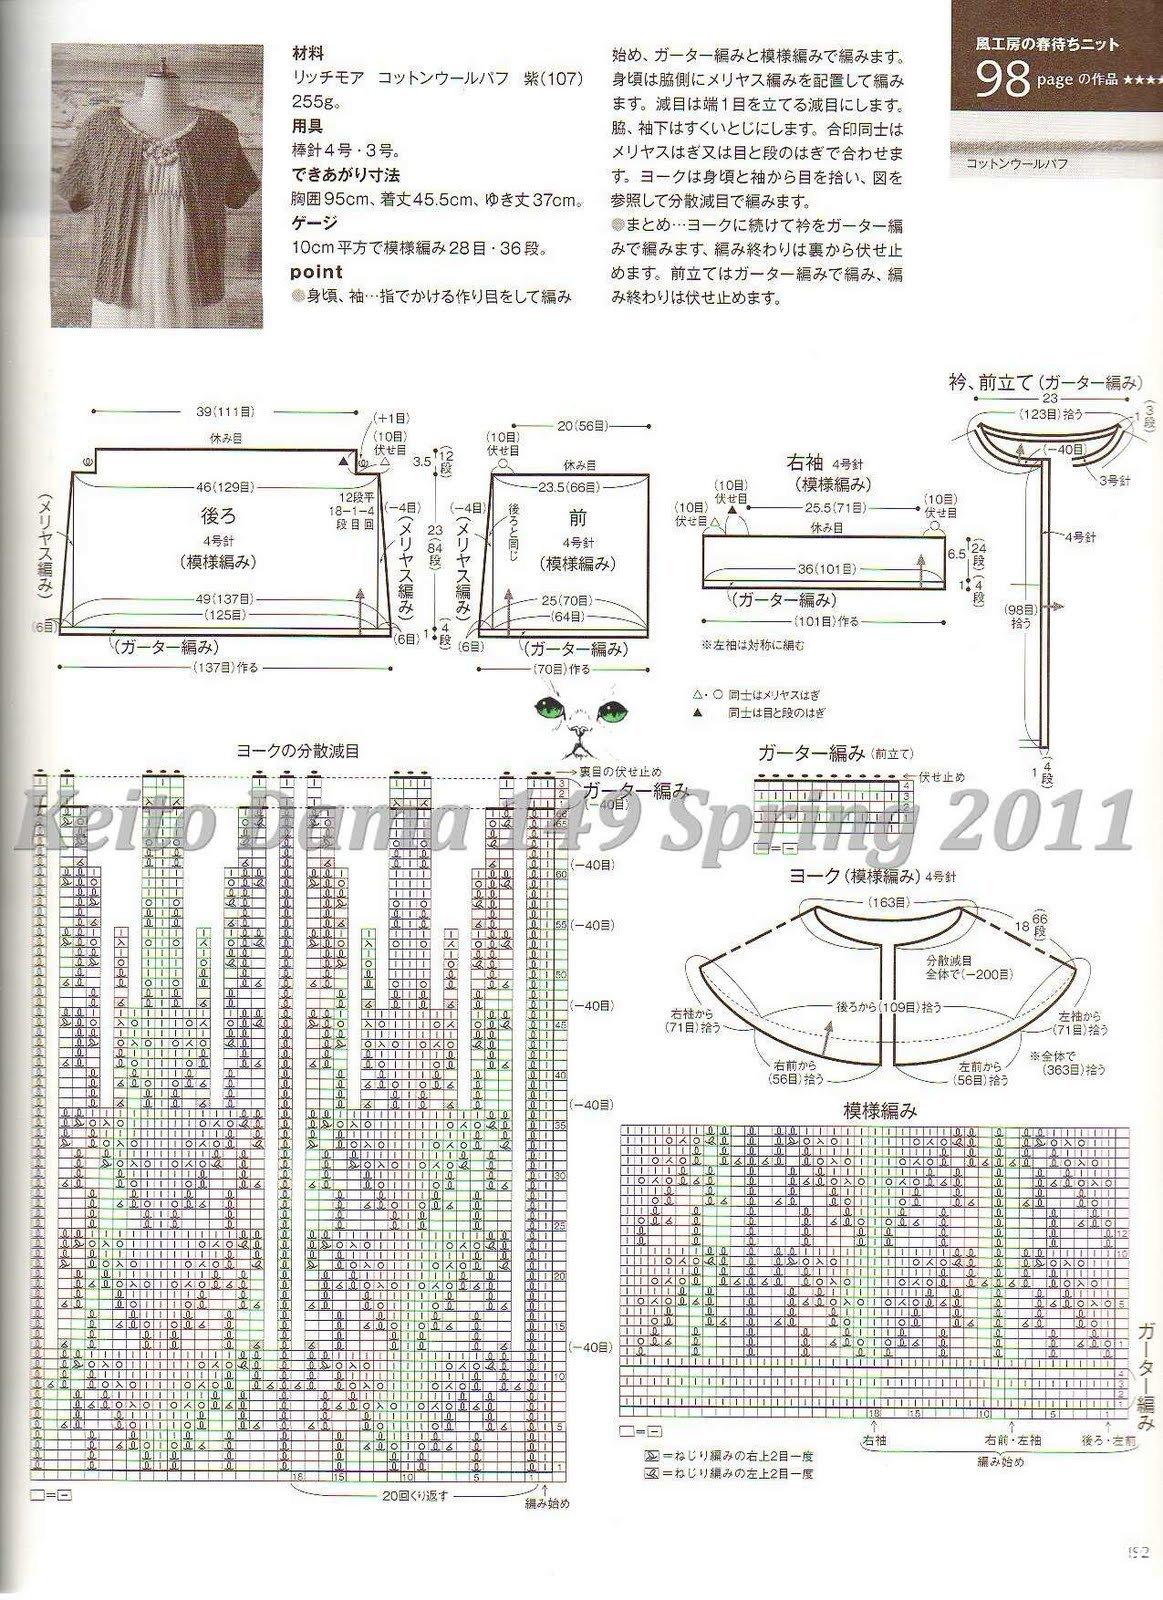 Keito Dama 149 Spring 2011148.jpg